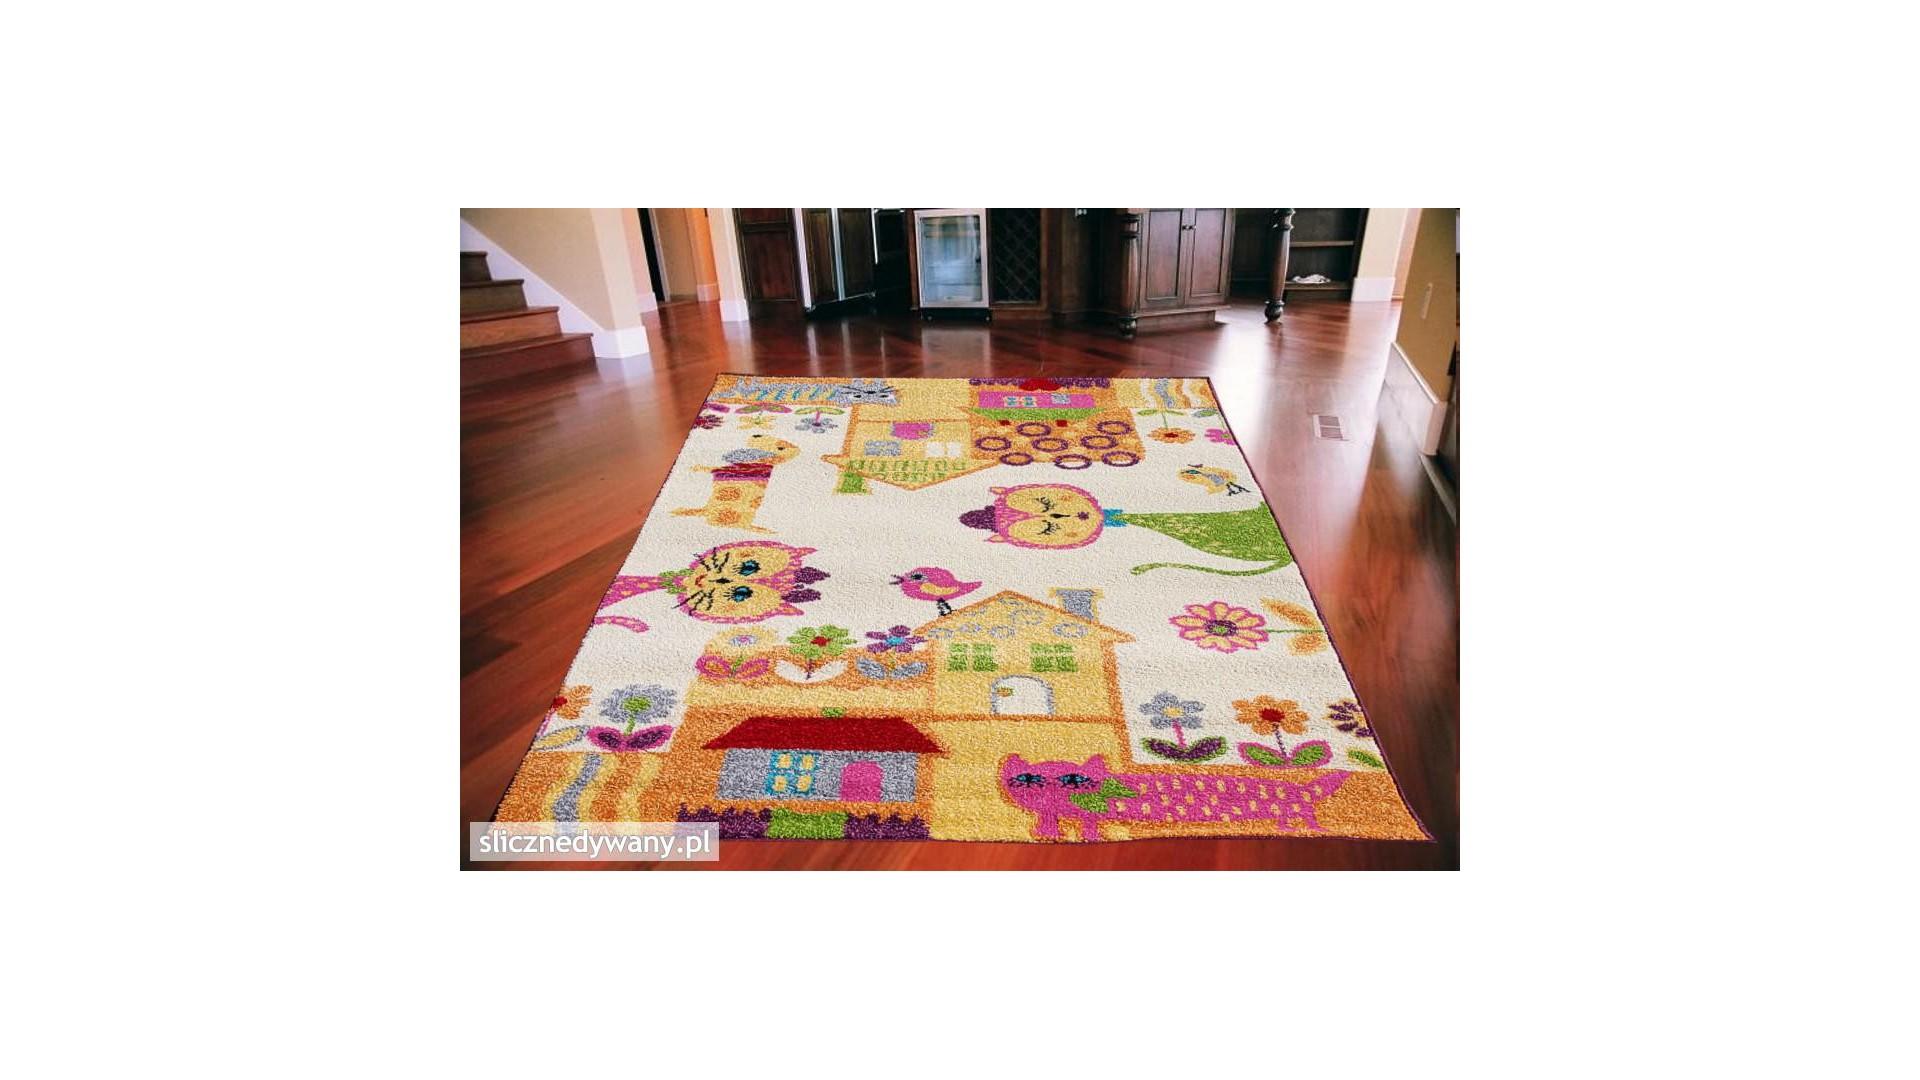 Super modny dywan do pokoju.